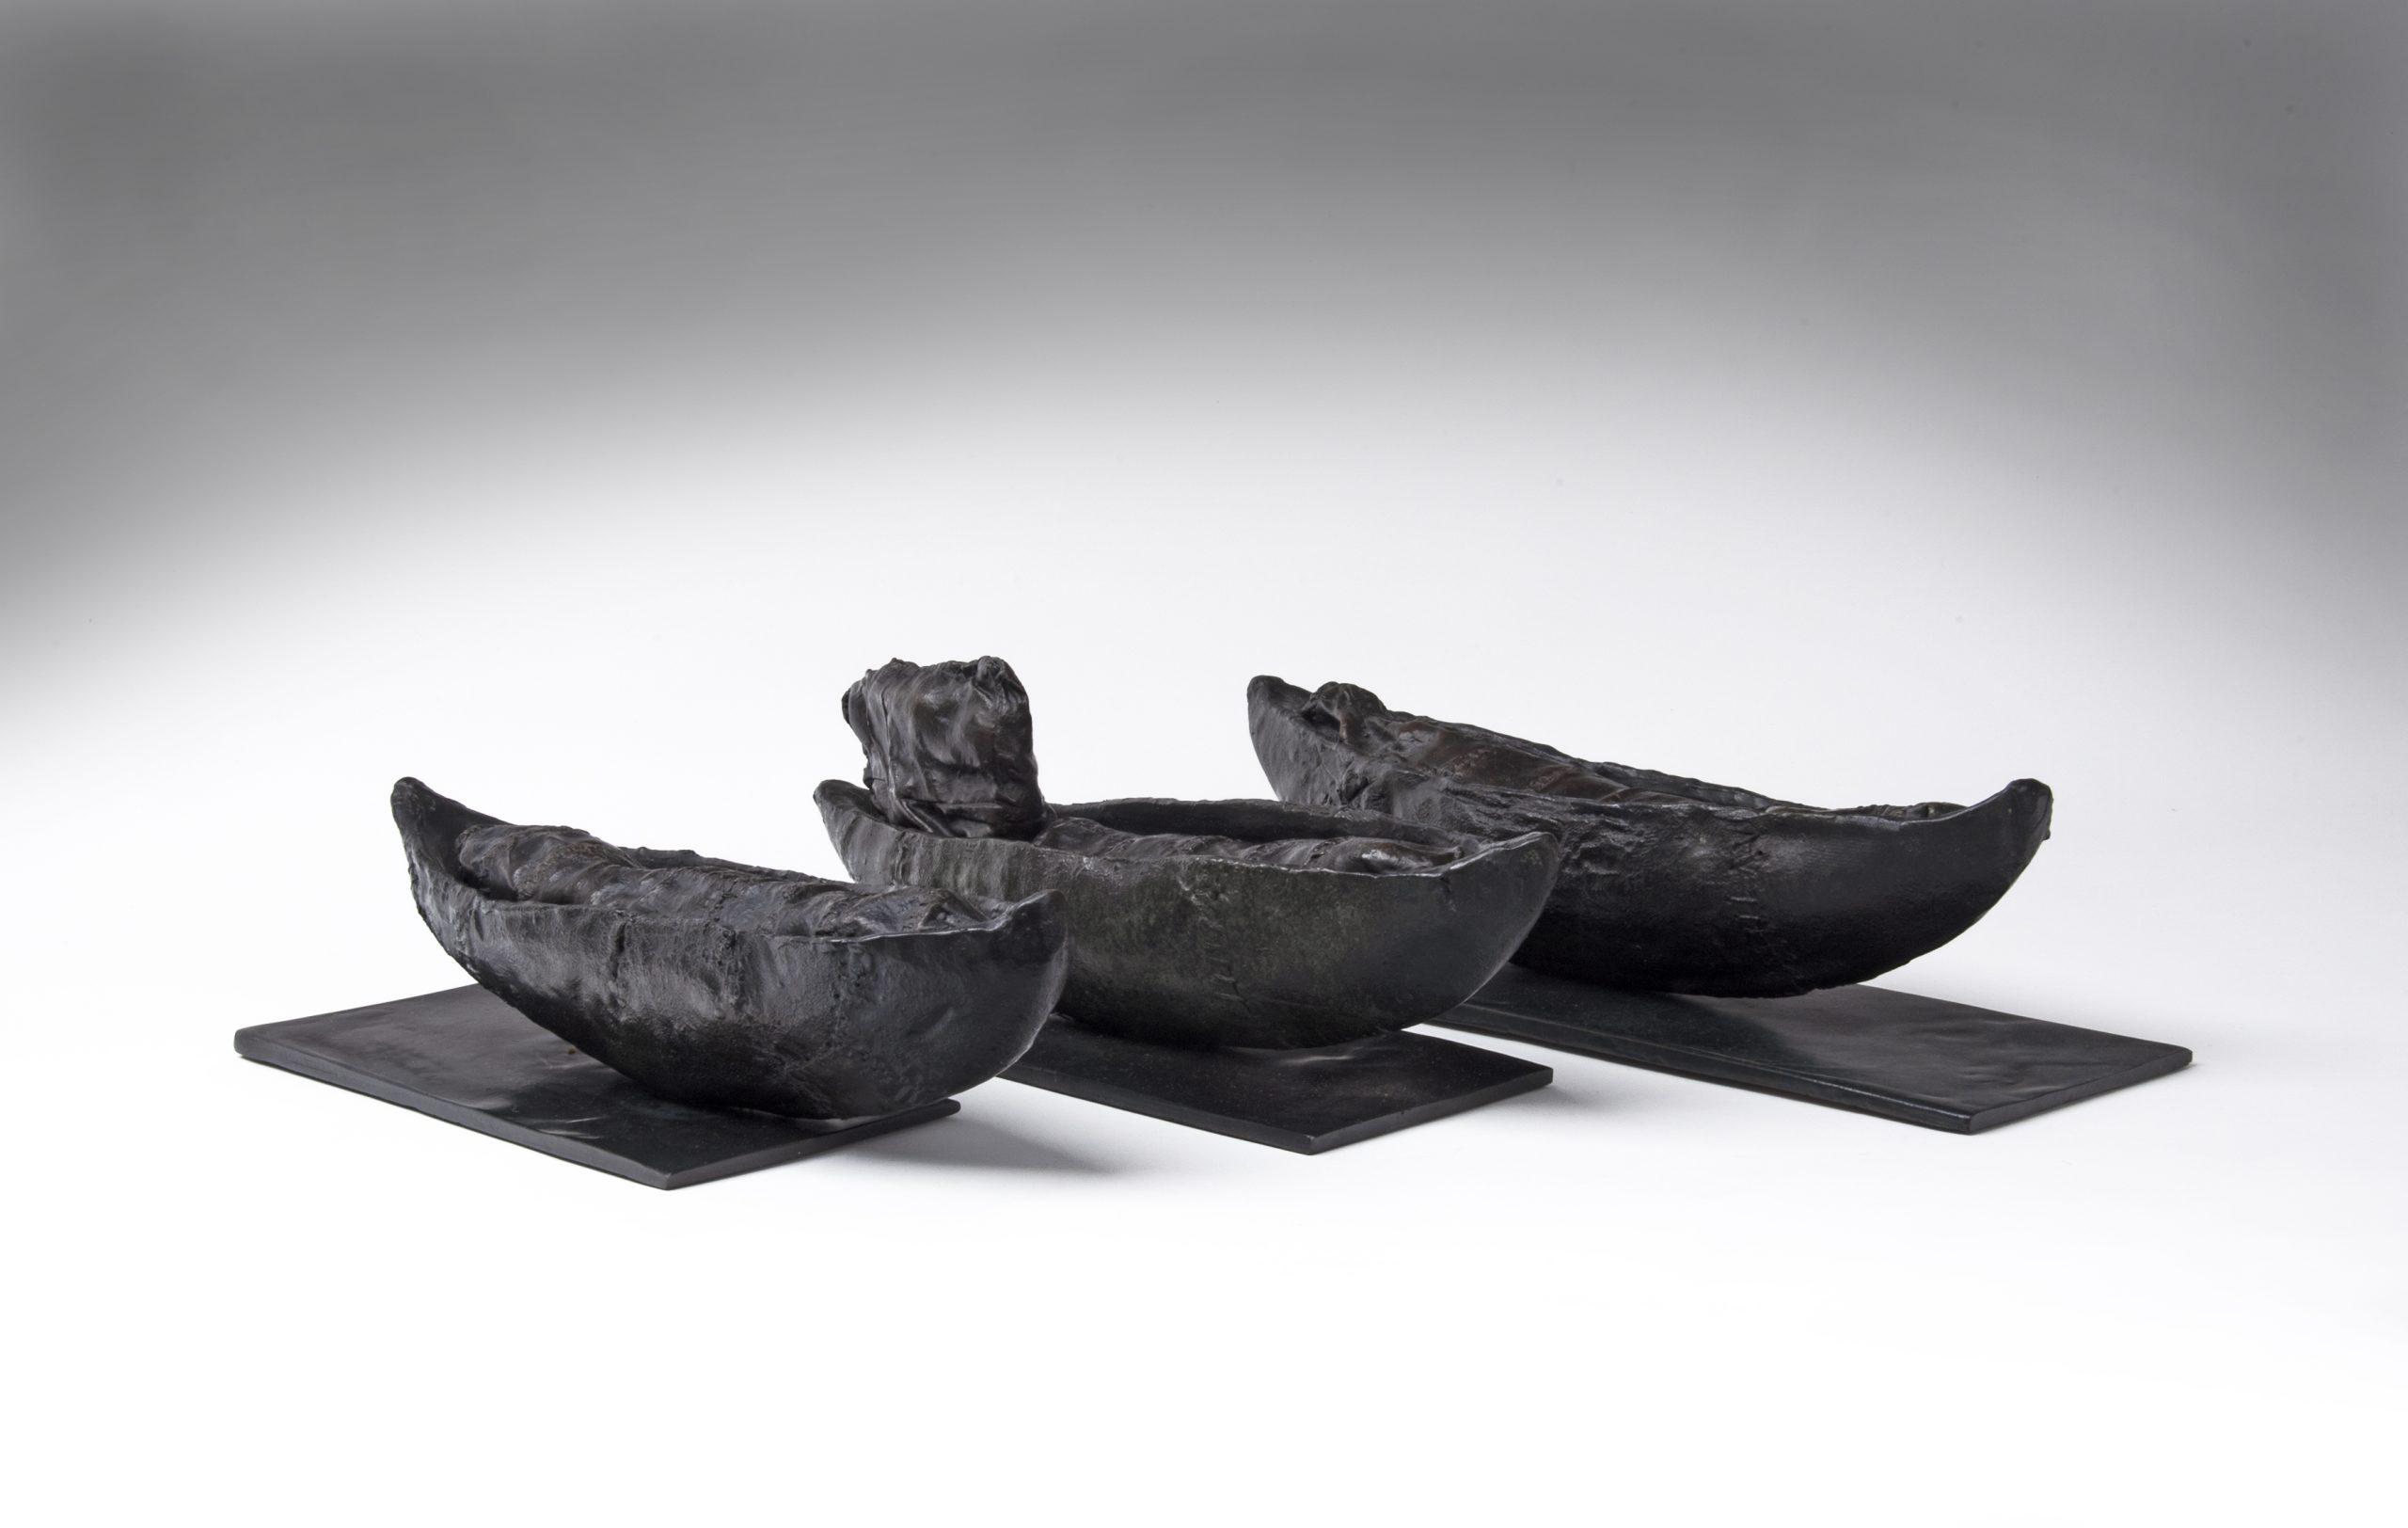 Beatrice Magalotti_Precious Cargo 1, 2 & 3_Bronze